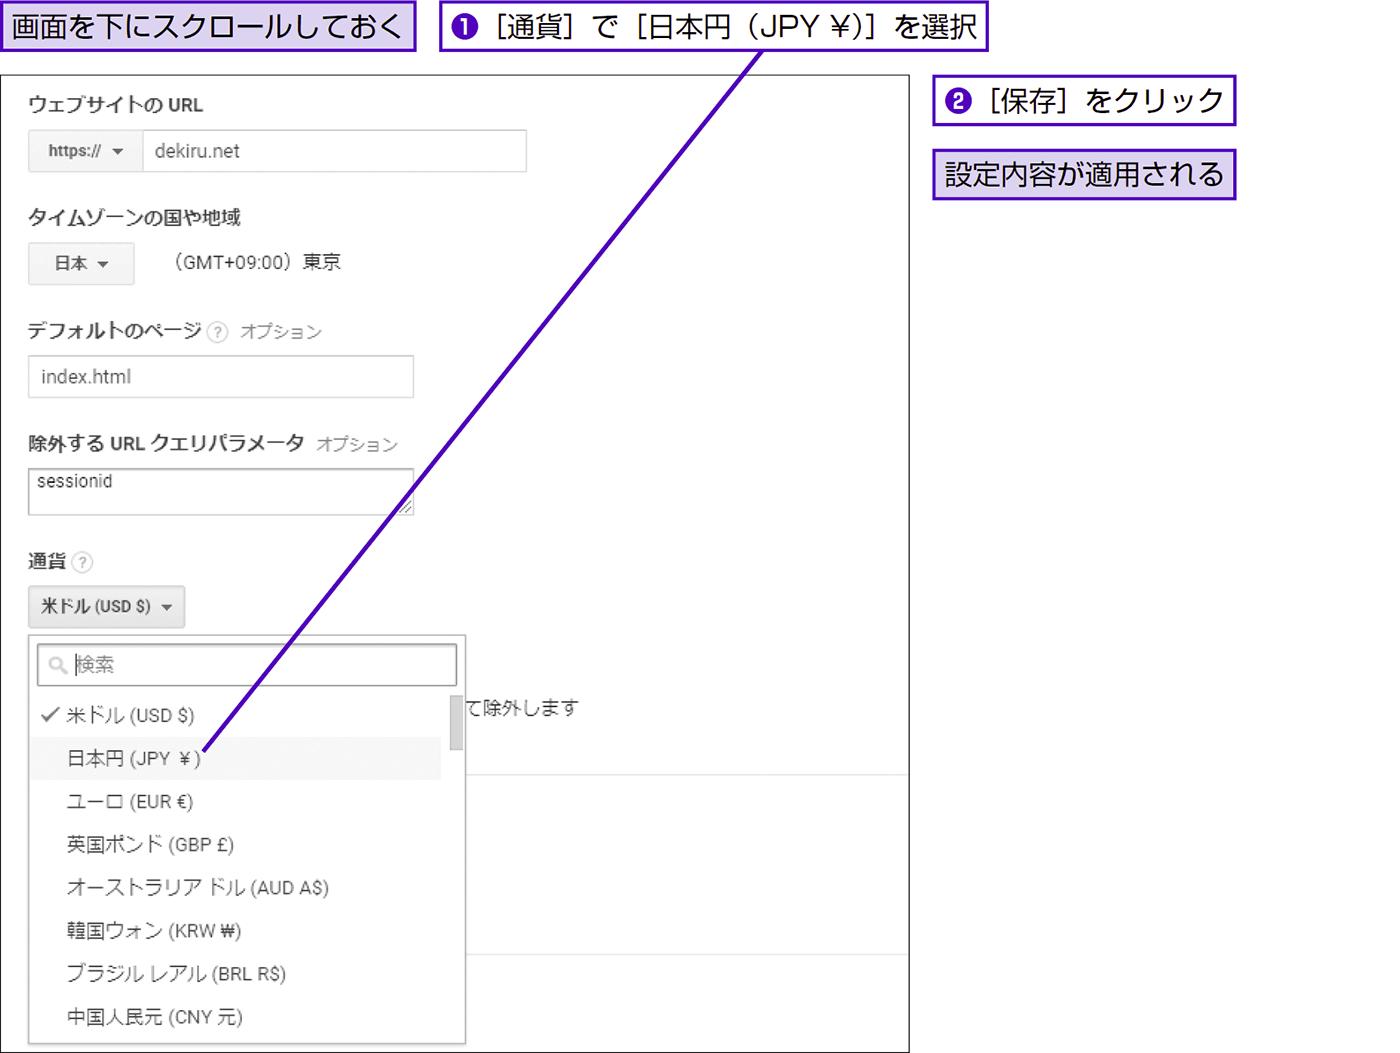 通貨単位を日本円に変更する - できる逆引き Googleアナリティクス 増補改訂2版